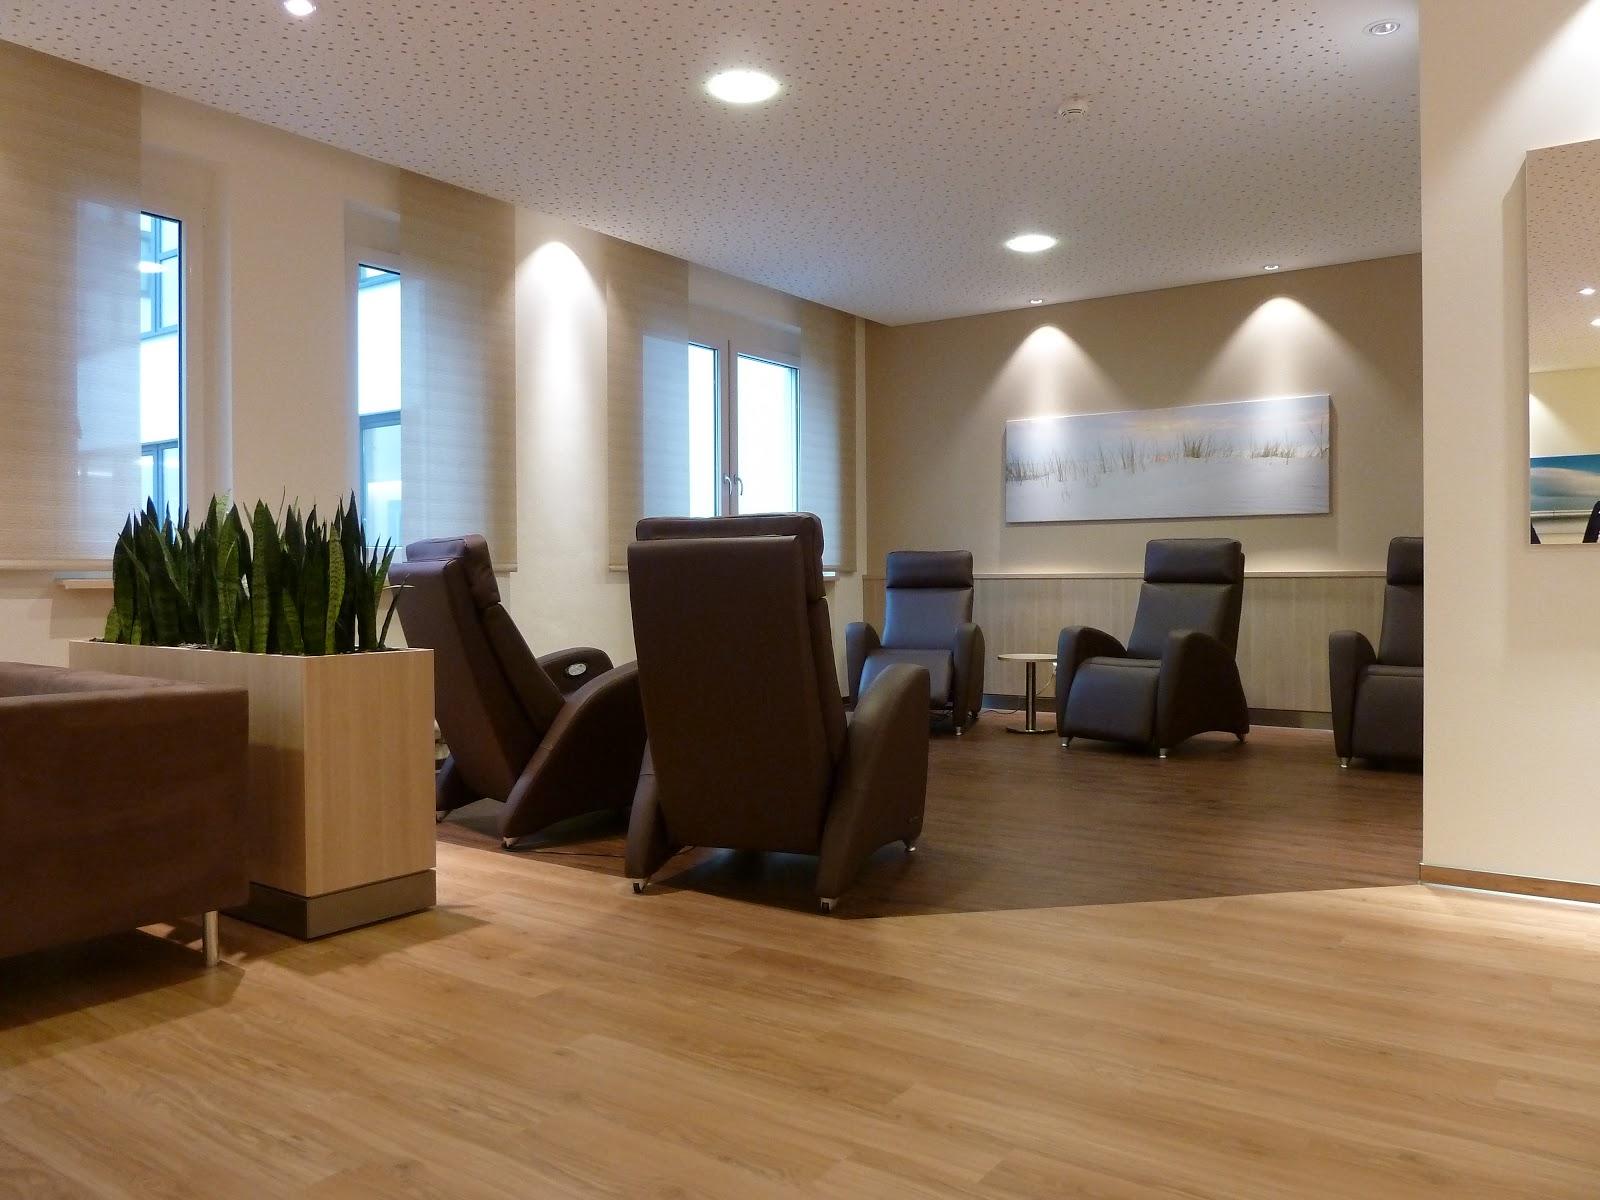 keyton massagesessel test und vergleich 2012. Black Bedroom Furniture Sets. Home Design Ideas